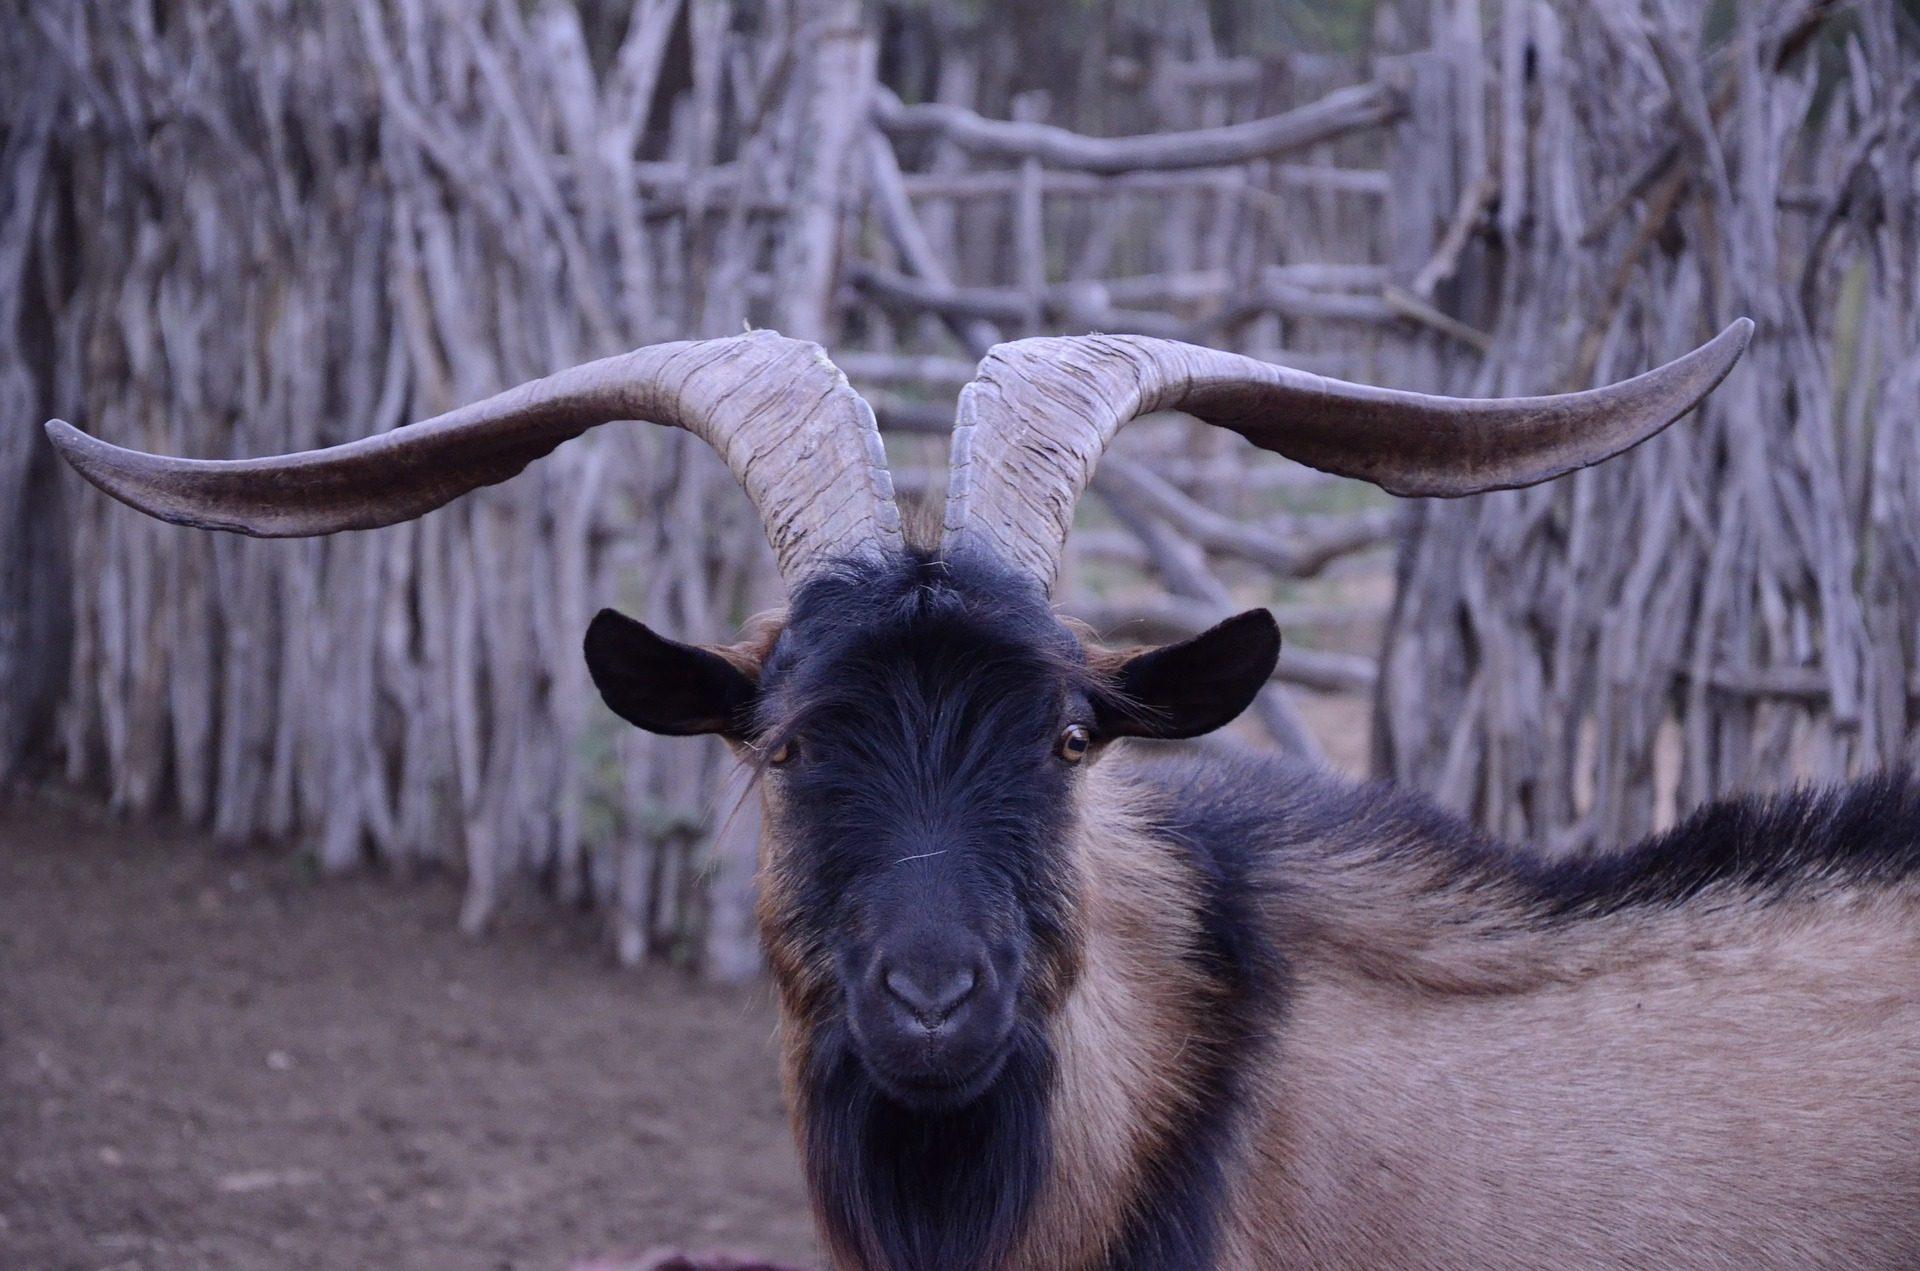 山羊, 喇叭, 字段, 家禽, 毛皮, 看看 - 高清壁纸 - 教授-falken.com